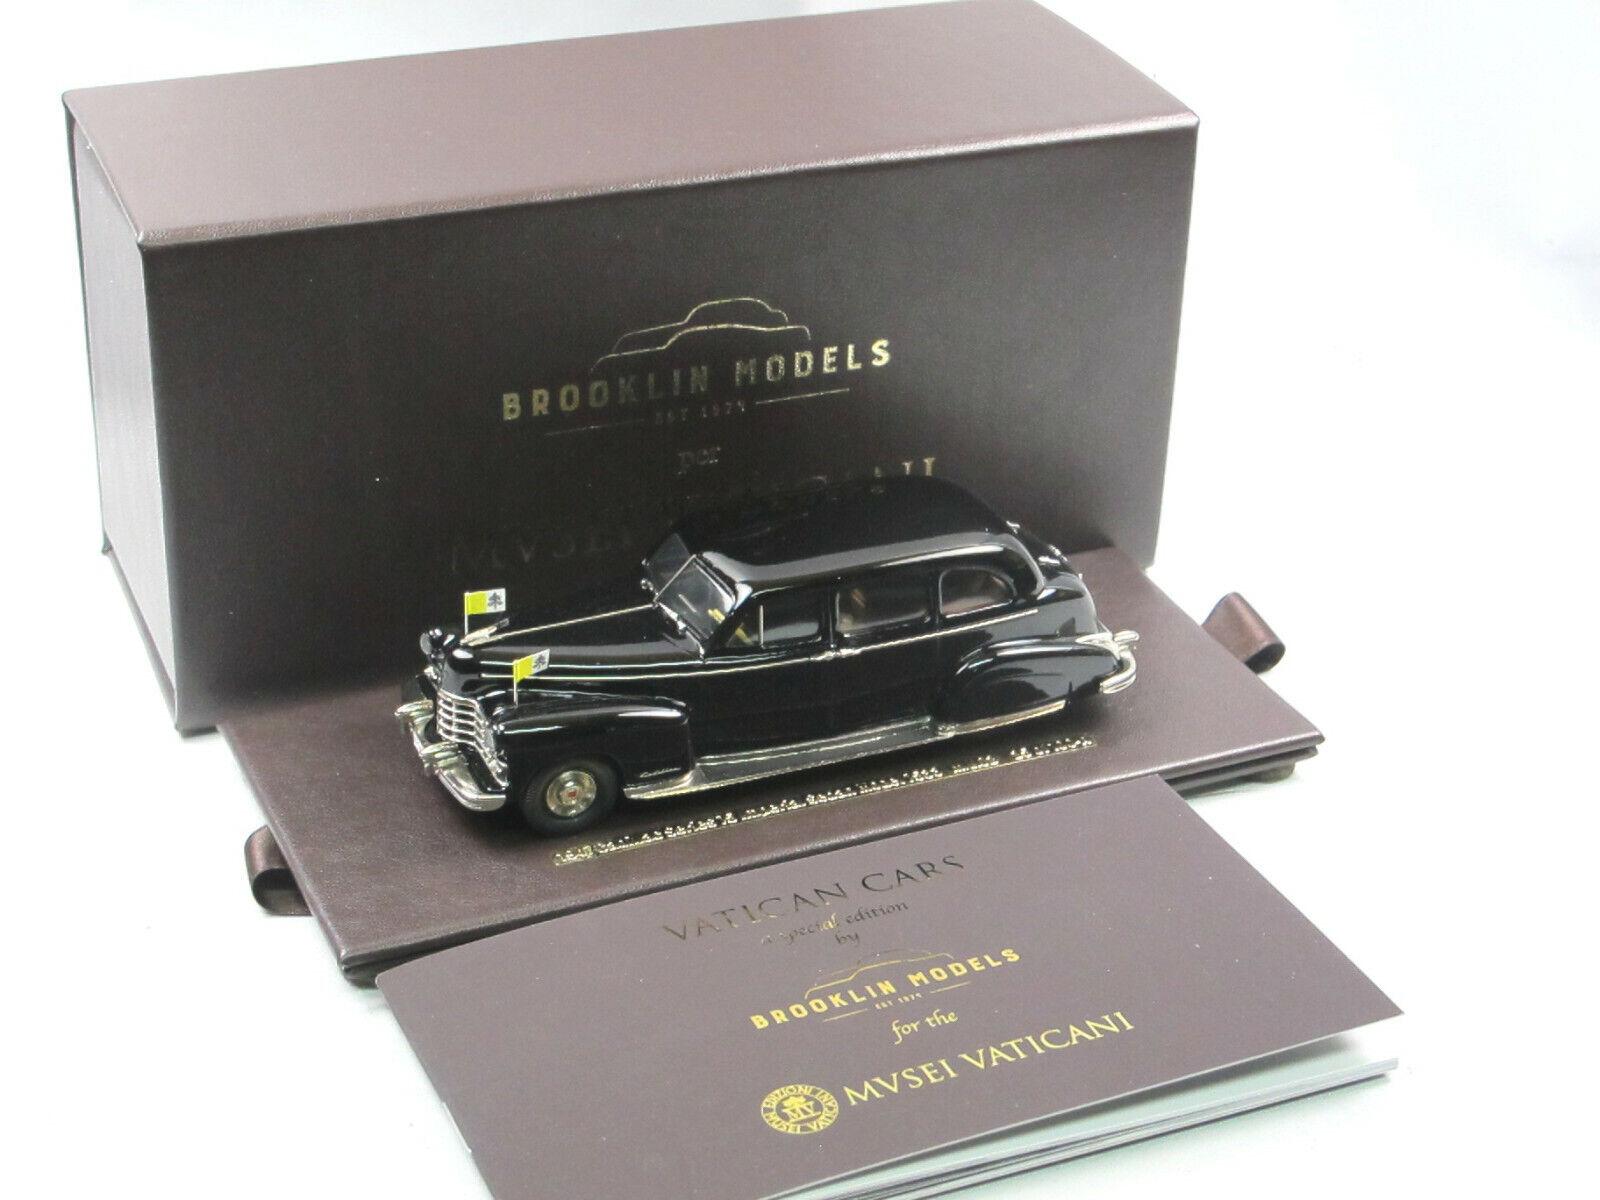 garanzia di qualità BROOKLIN per musei Vaticani 1947 Cadillac Cadillac Cadillac Series 75 Imperial Sedan  7533 1 43  autorizzazione ufficiale